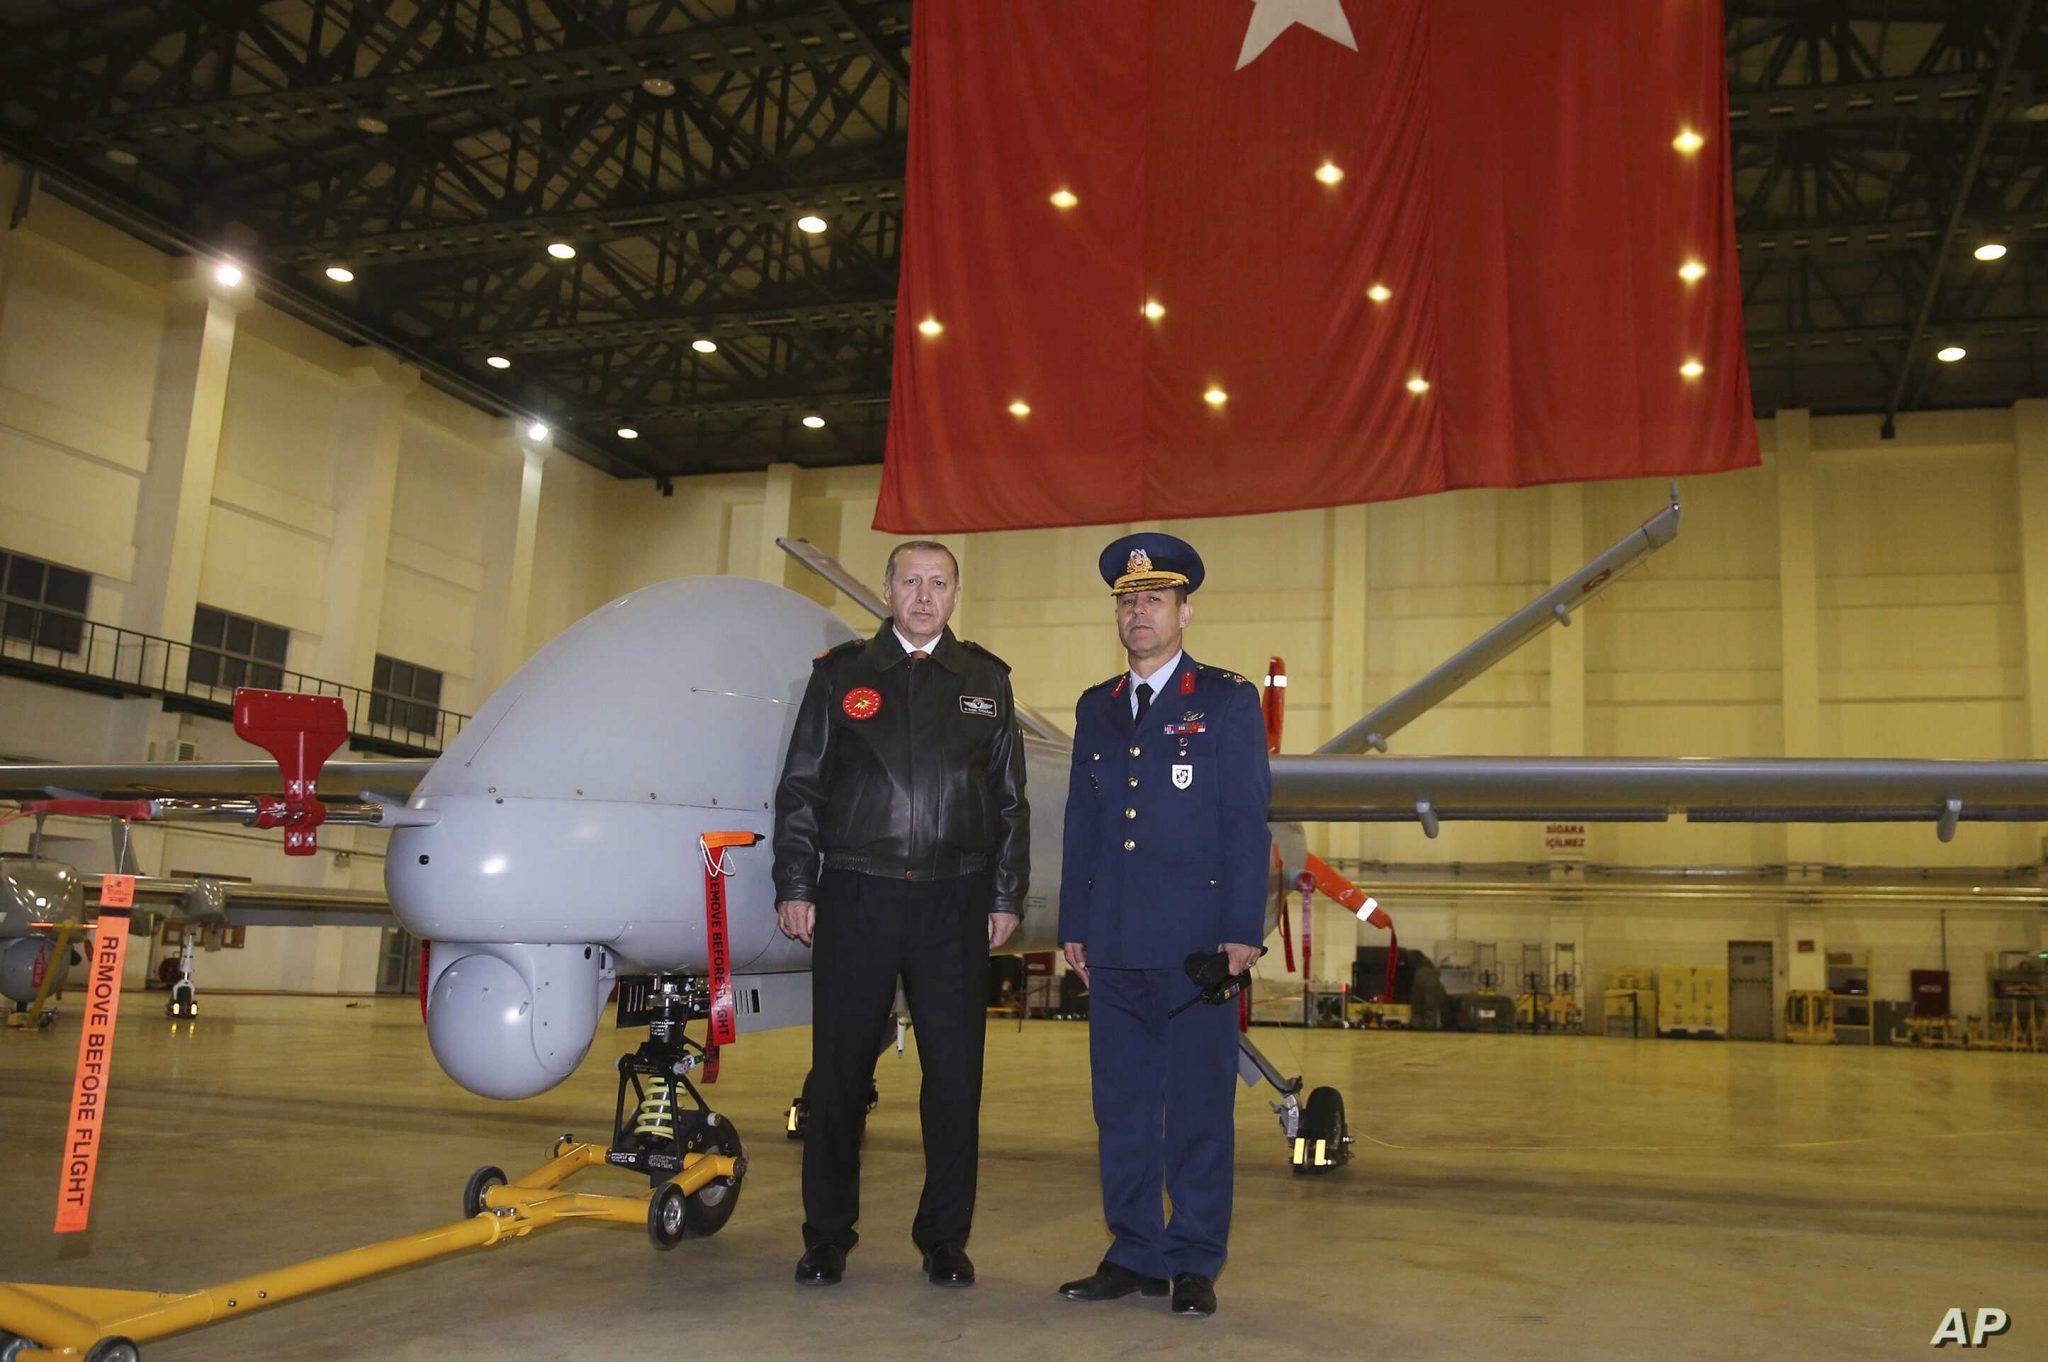 صورة من دولة مرتـ ـهنة للاستيراد إلى قوة ضاربة.. صناعات تركيا العسكرية تنقلها للعالمية- فيديو